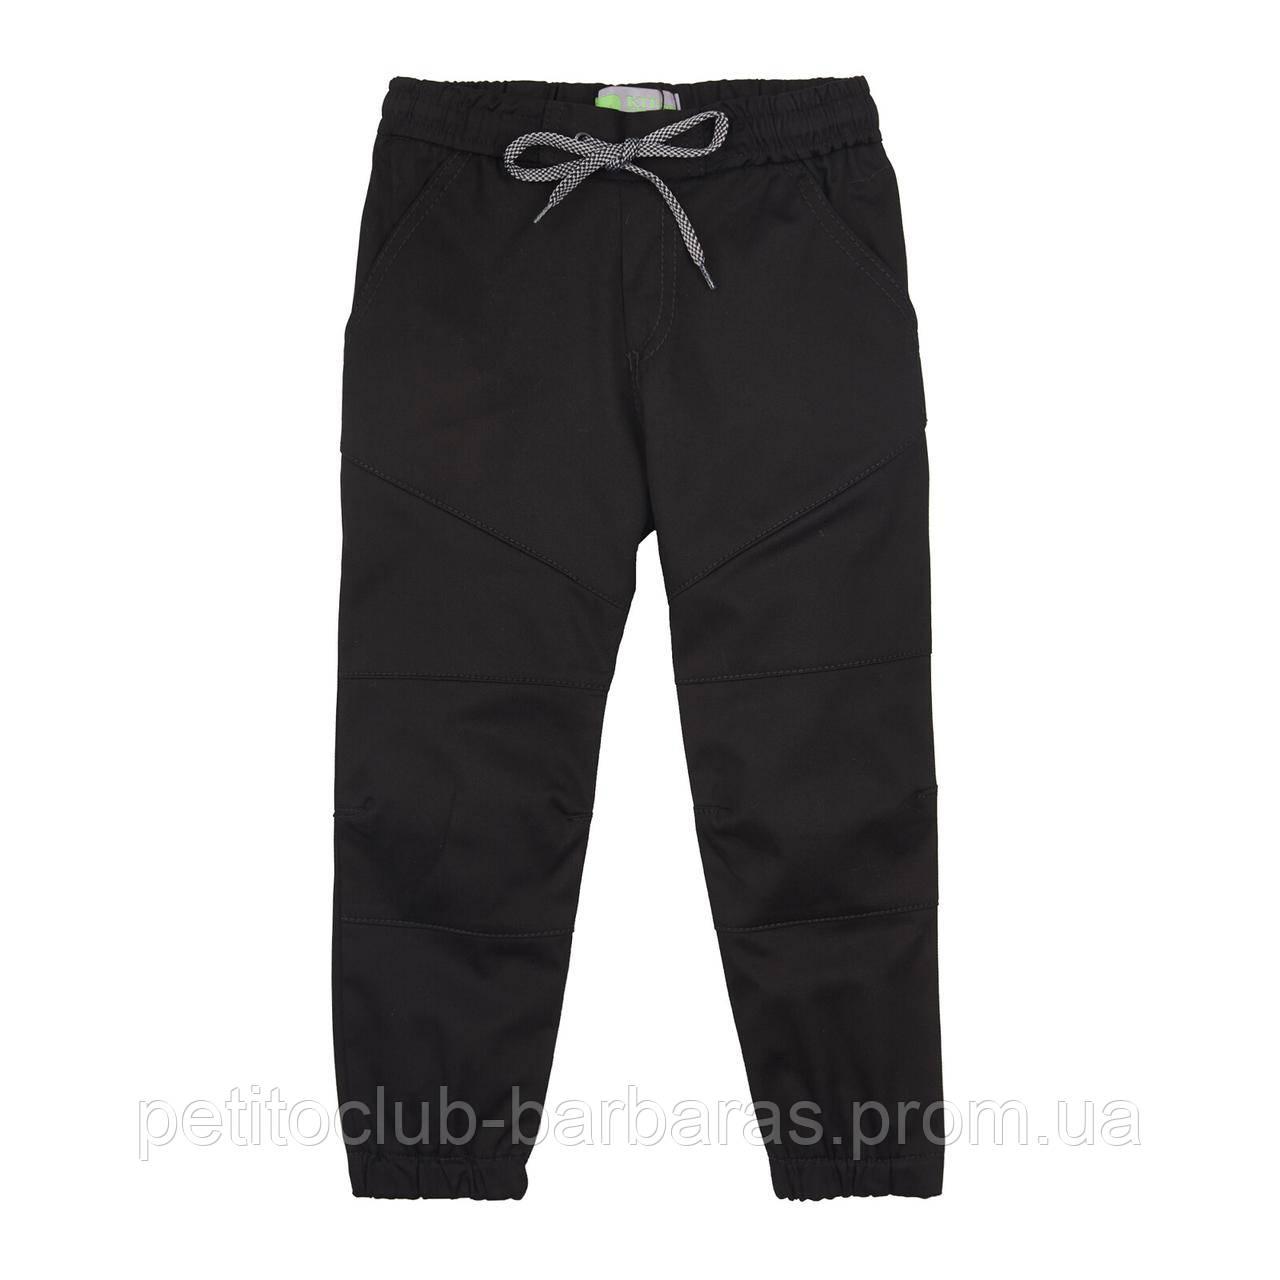 Детские летние хлопковые брюки джоггеры для мальчика черные (р.98-116 см) (KIT-Lime, Украина)